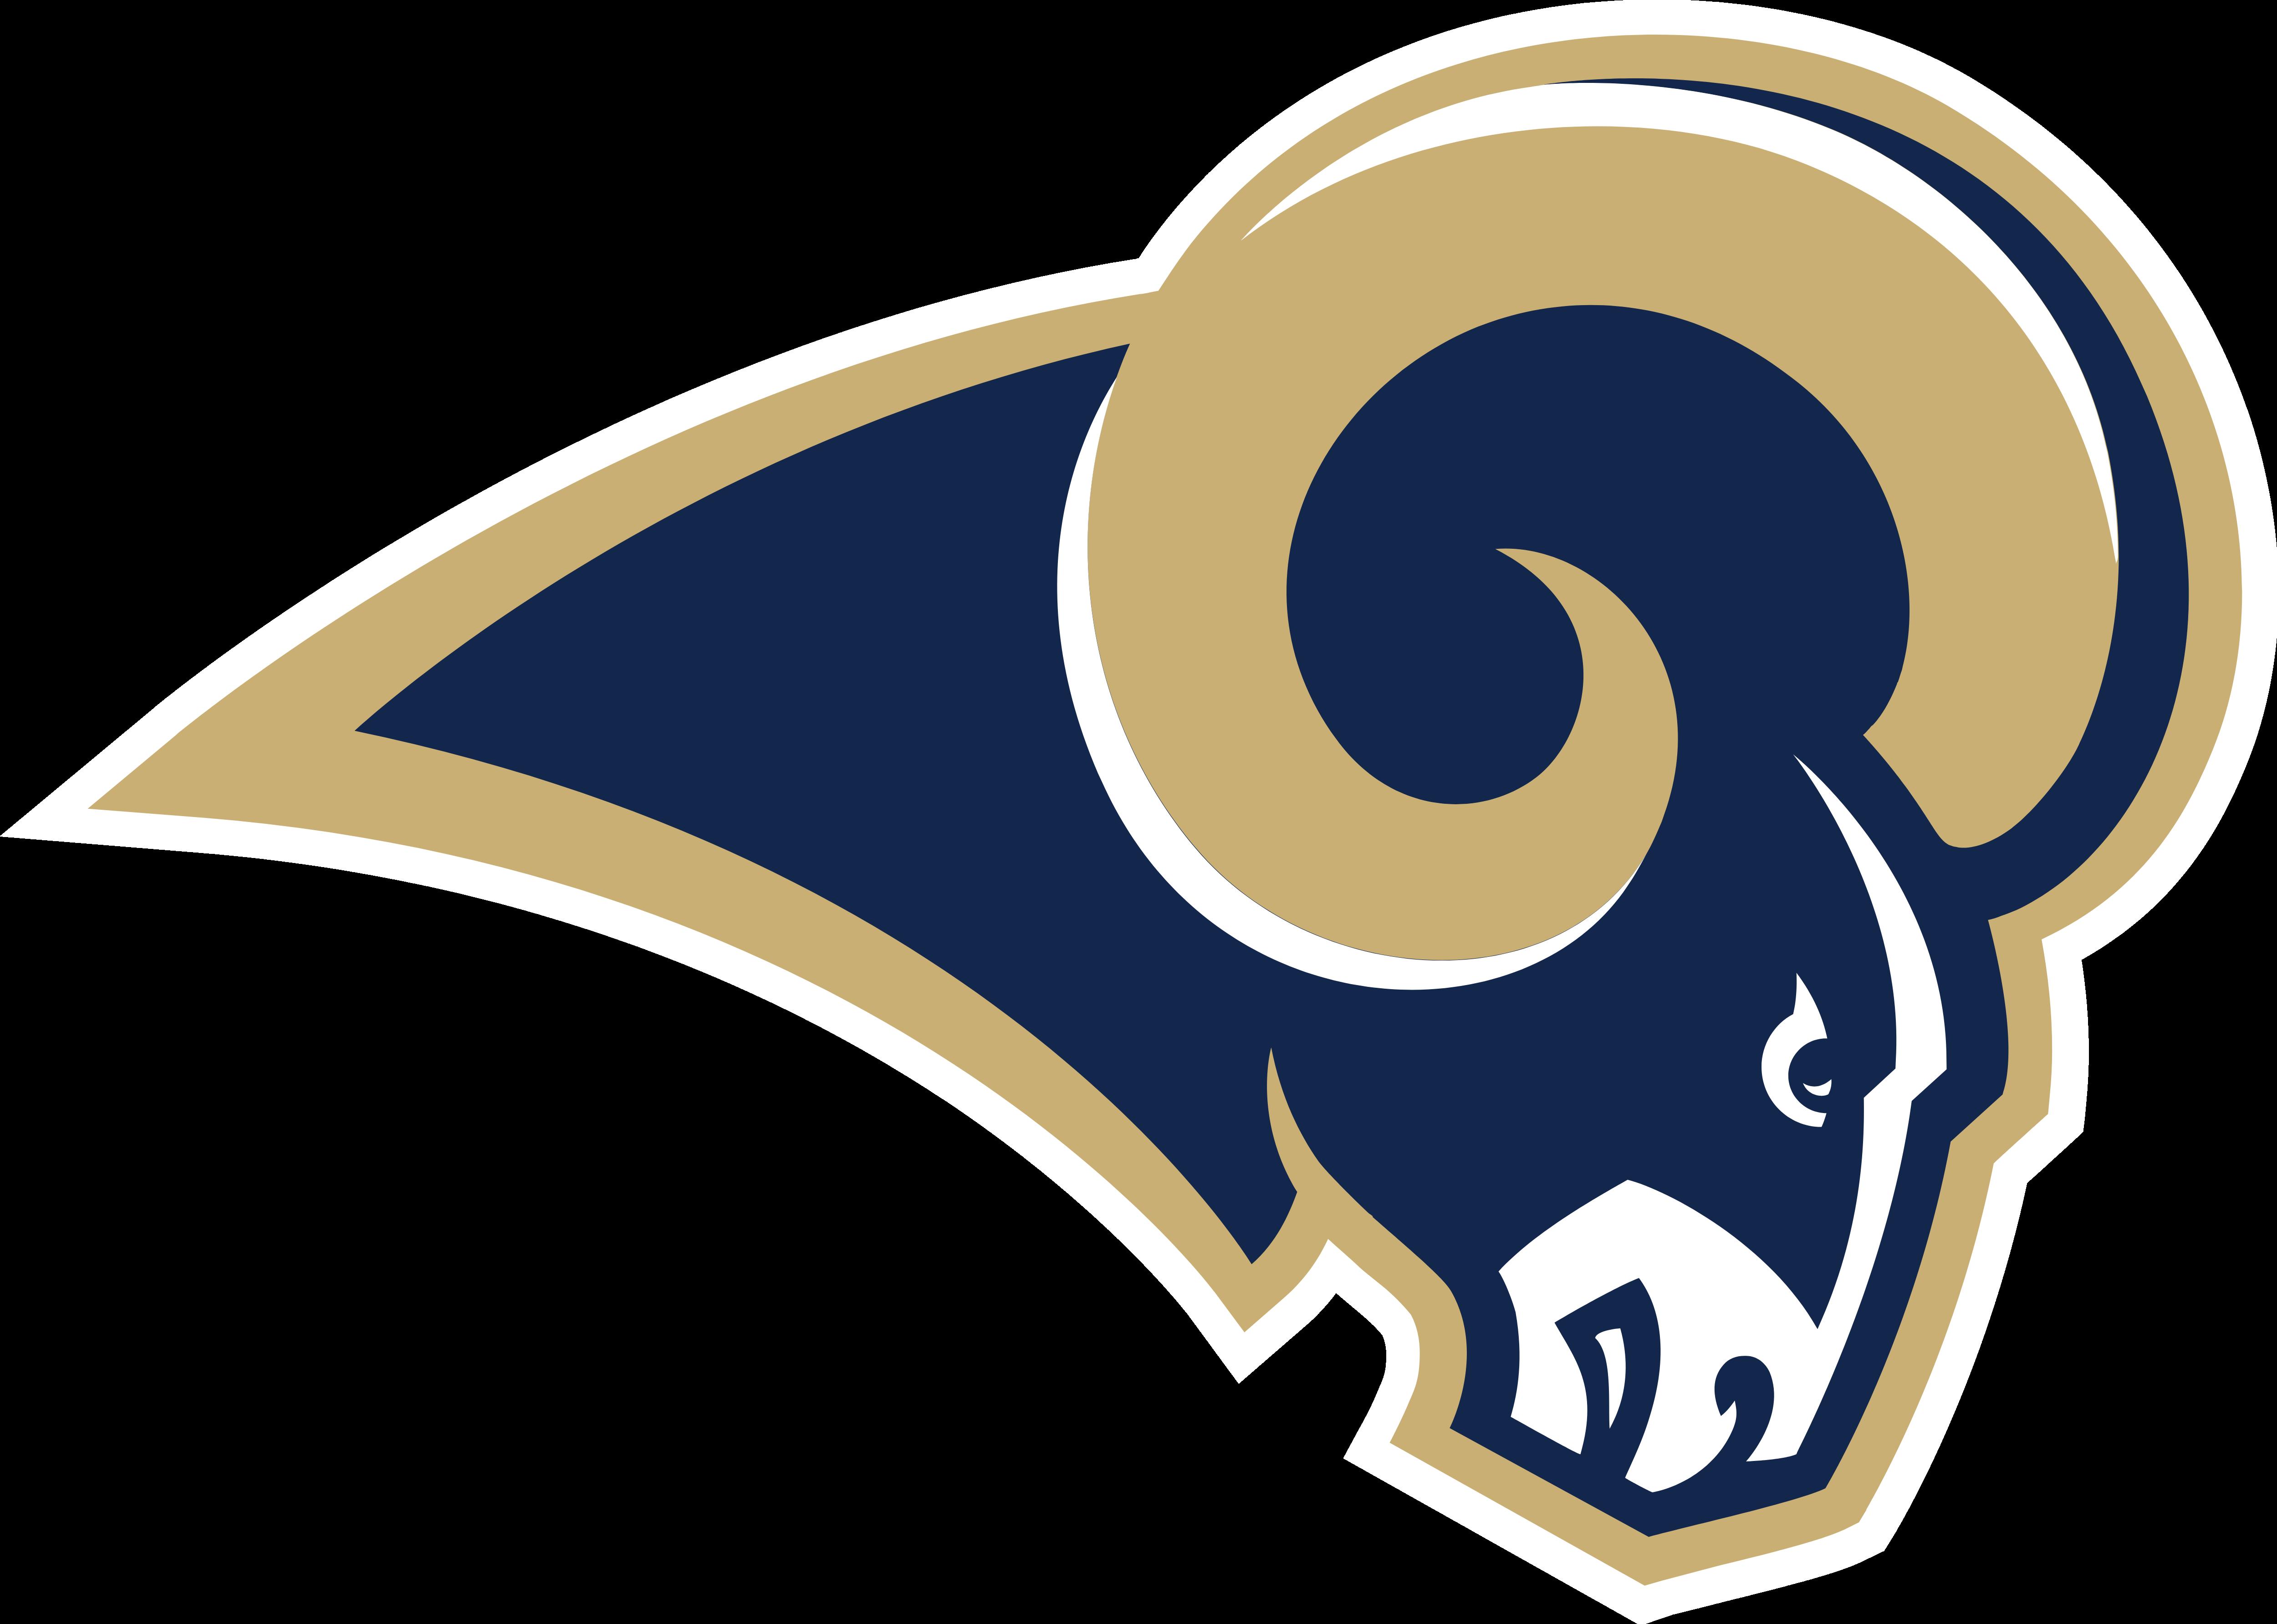 St. Louis Rams.